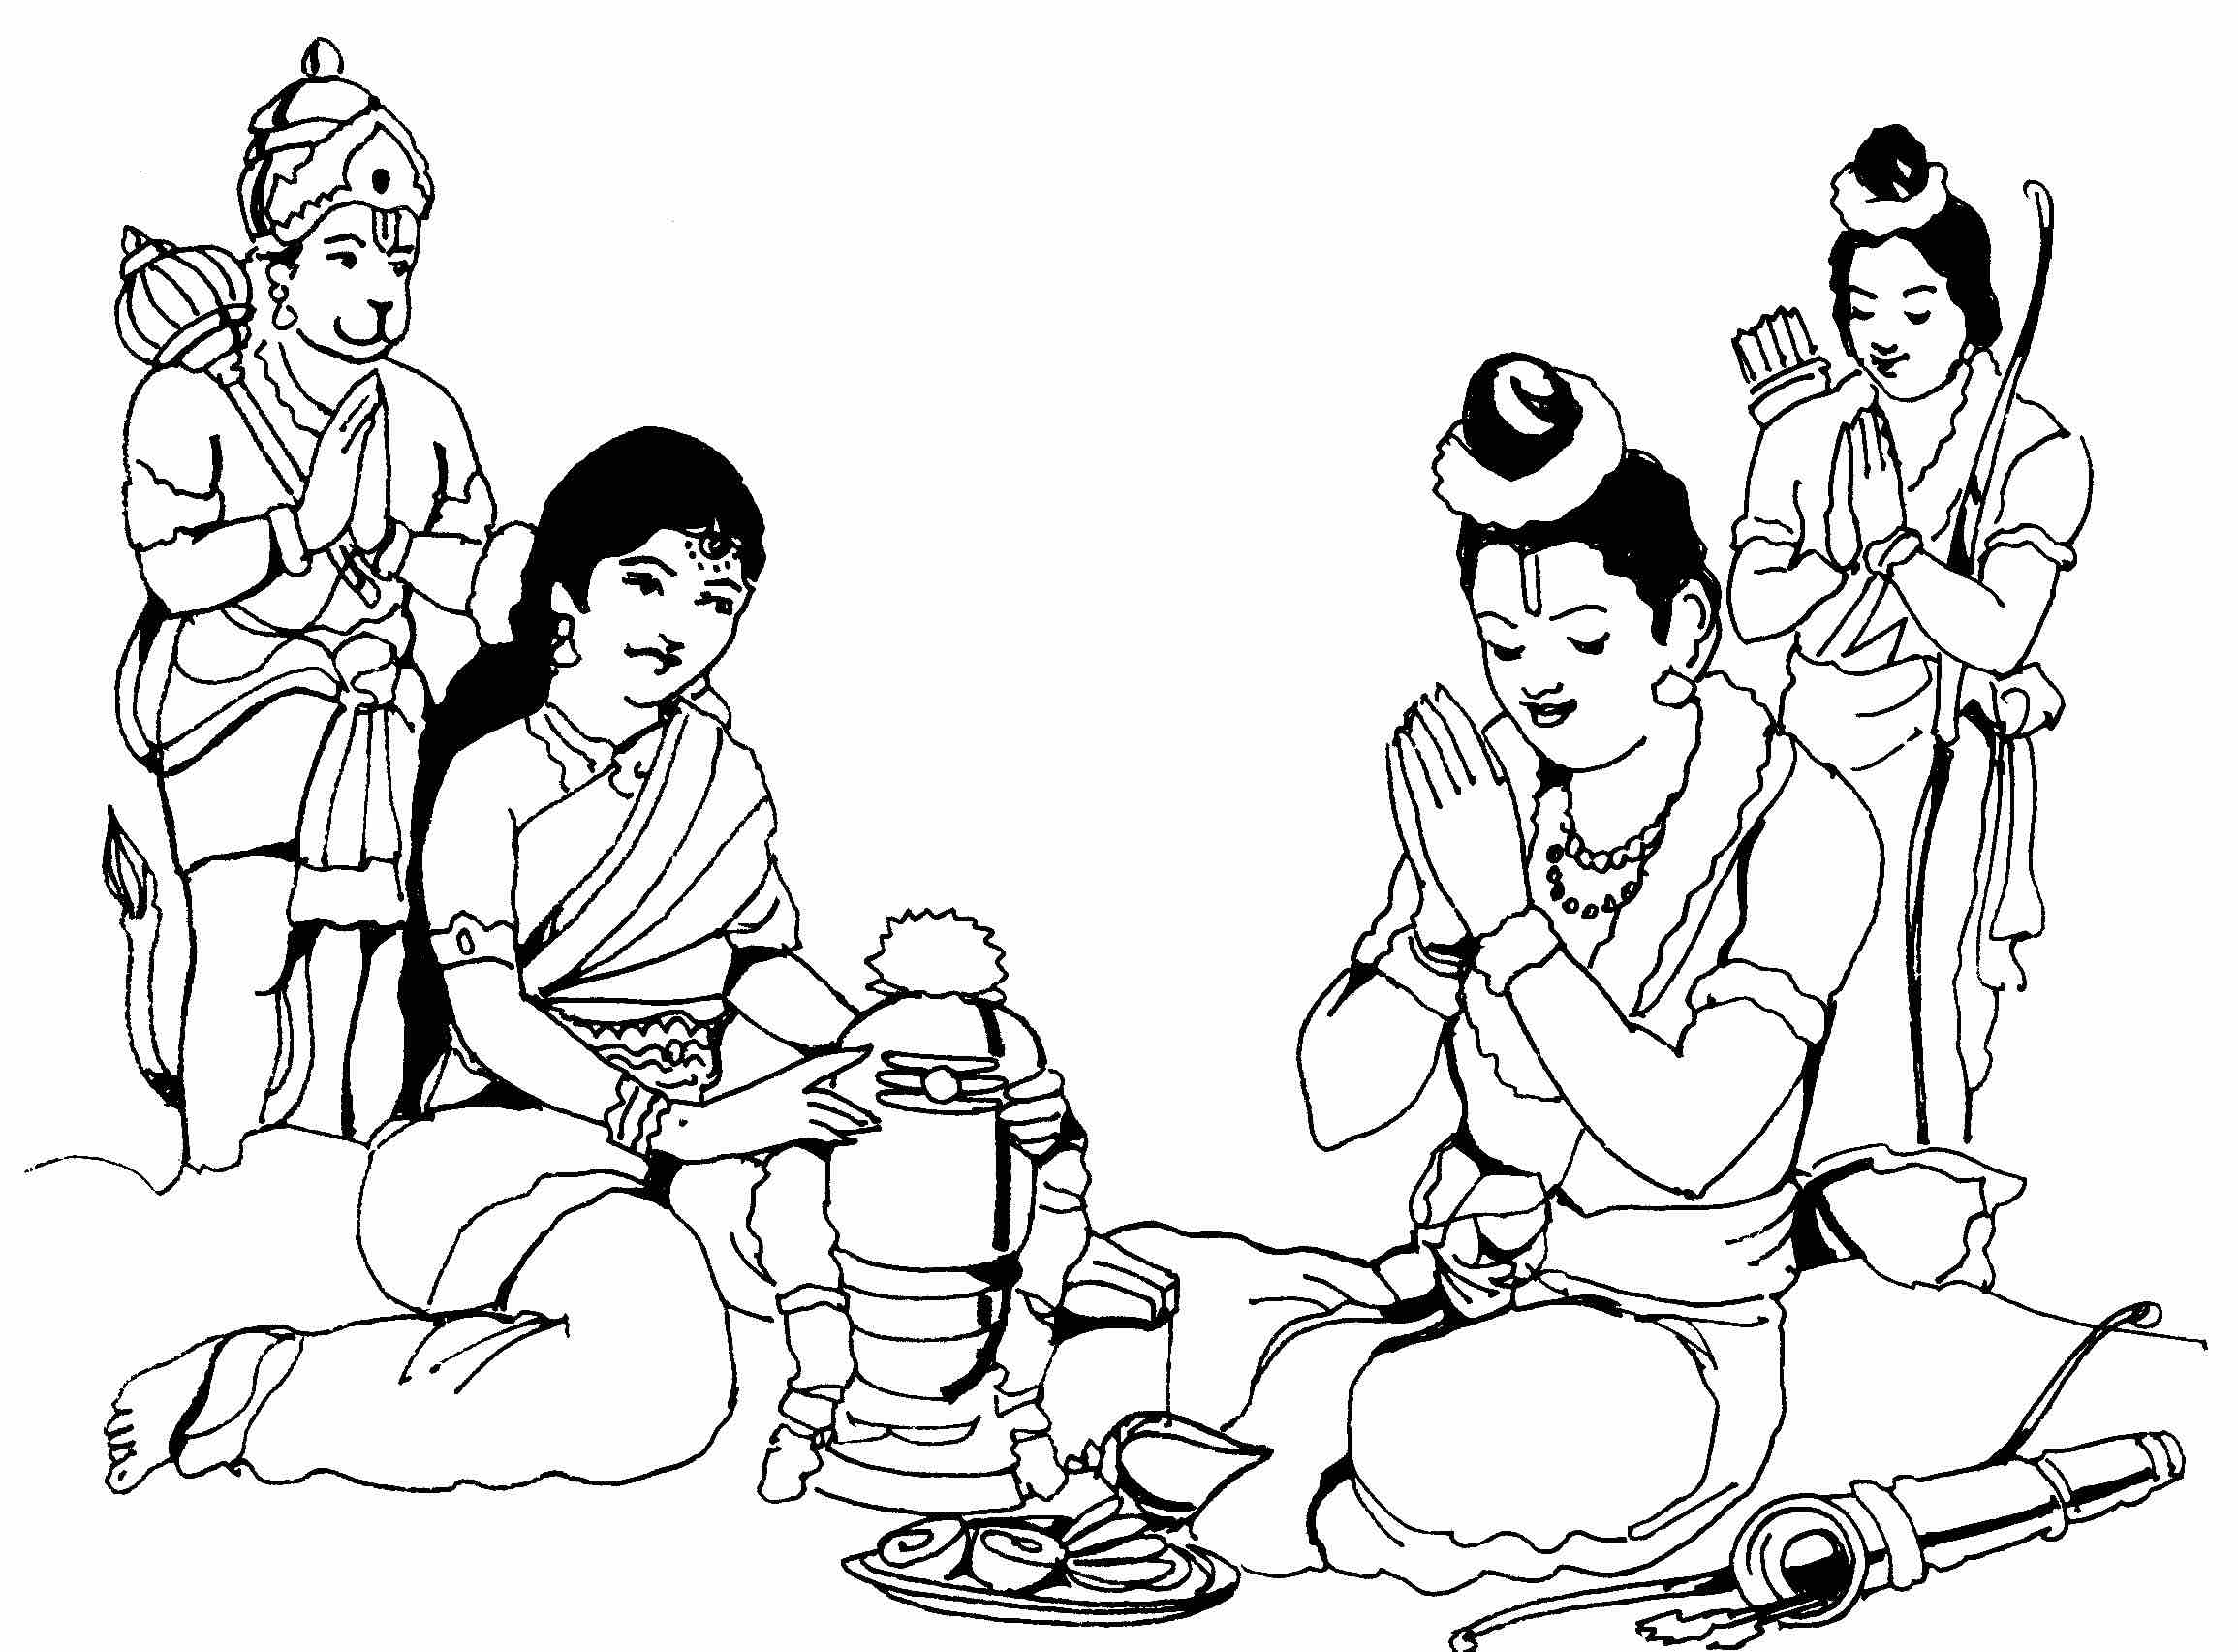 Services : Pooja, Prayer, Hindu Ceremonies in Hong Kong